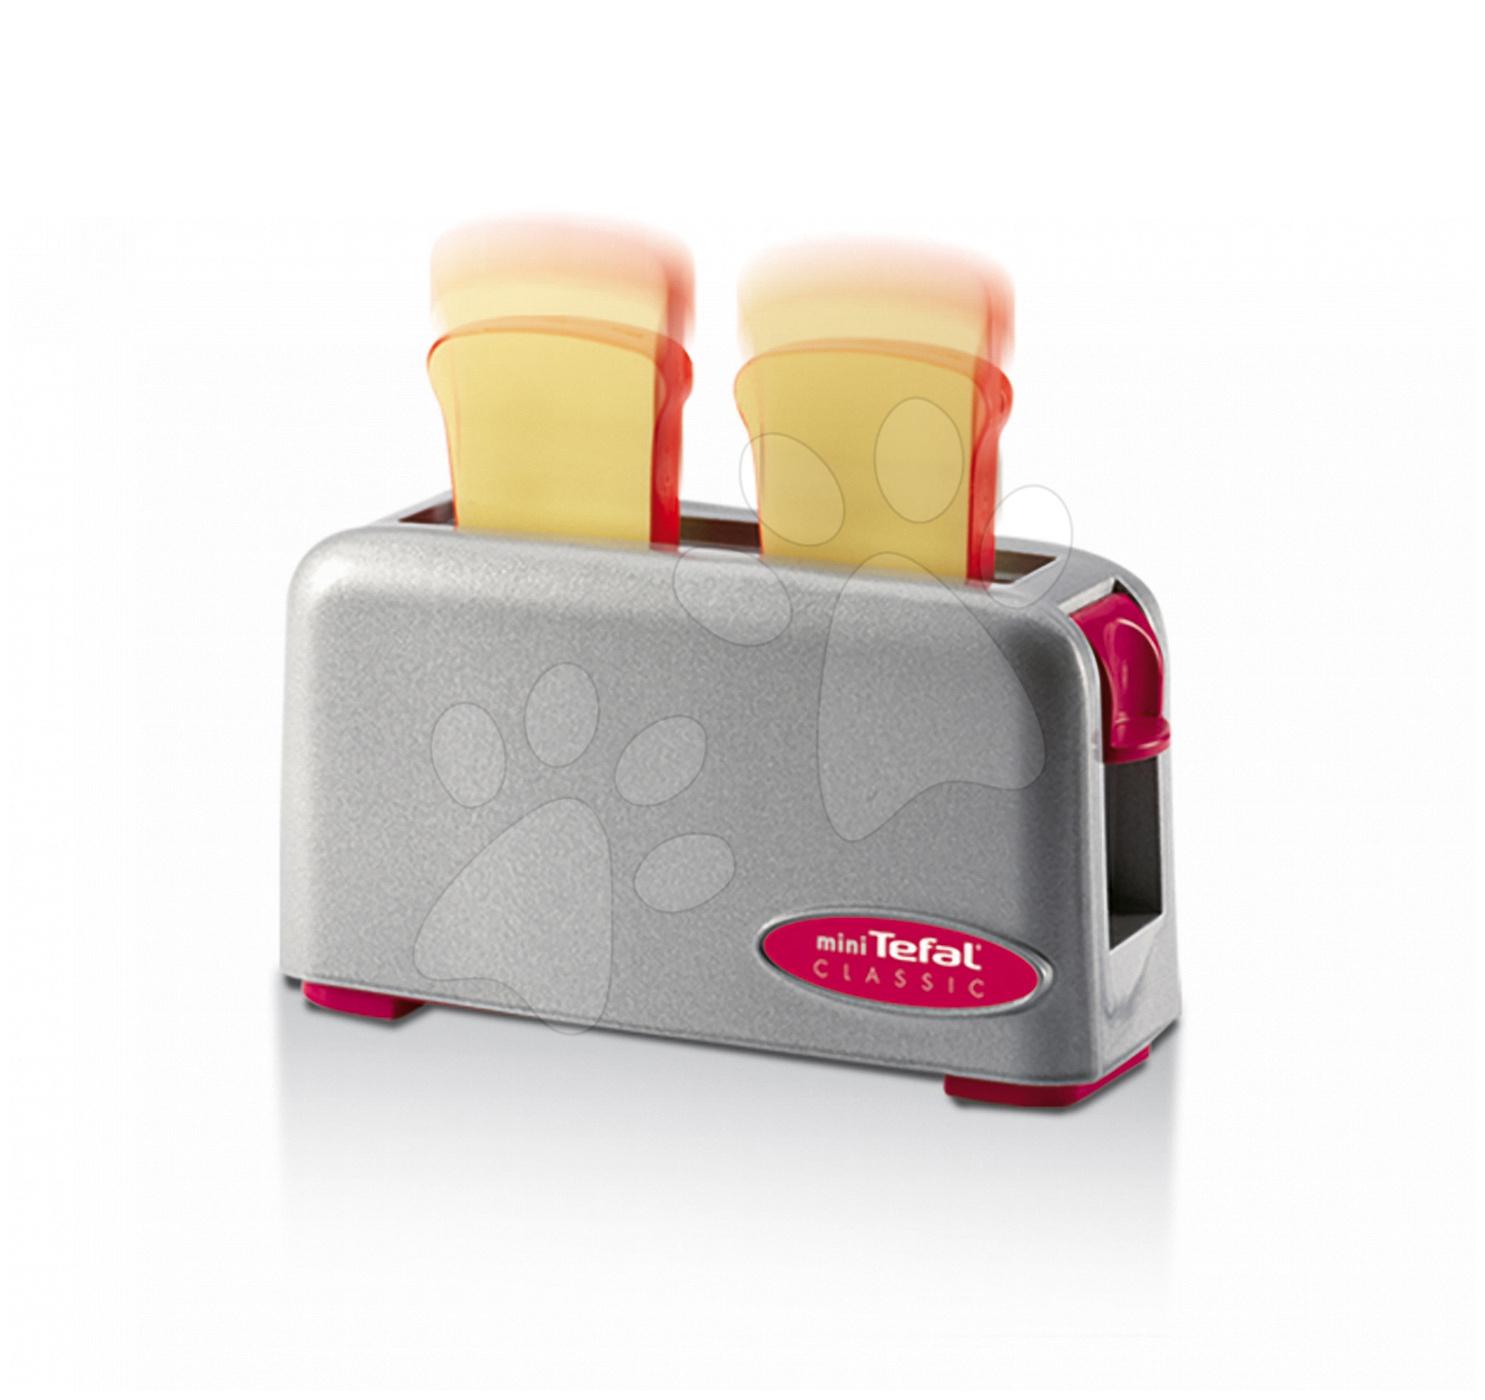 Spotrebiče do kuchynky - Toaster Mini Tefal Express Smoby strieborný